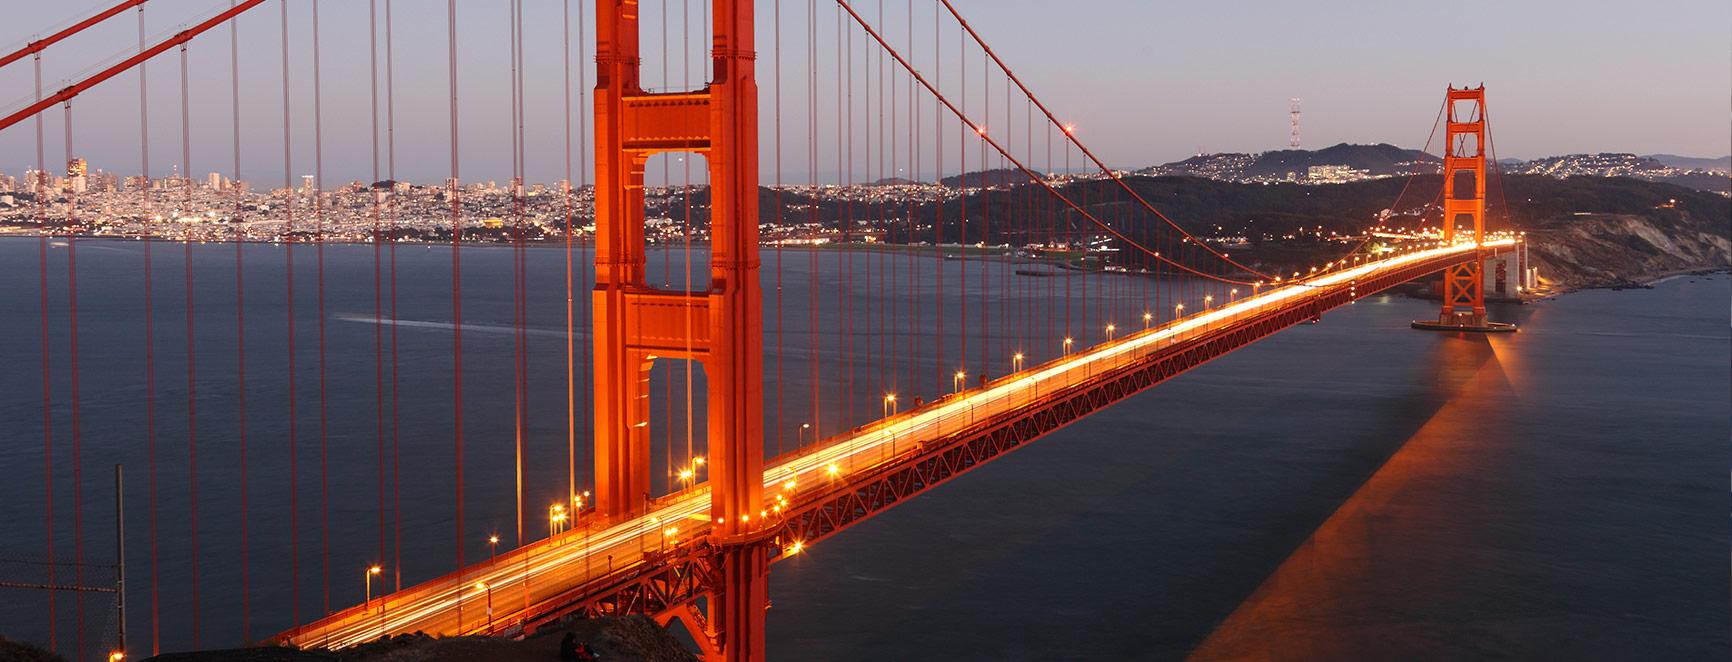 hs-sf-bridge.jpg